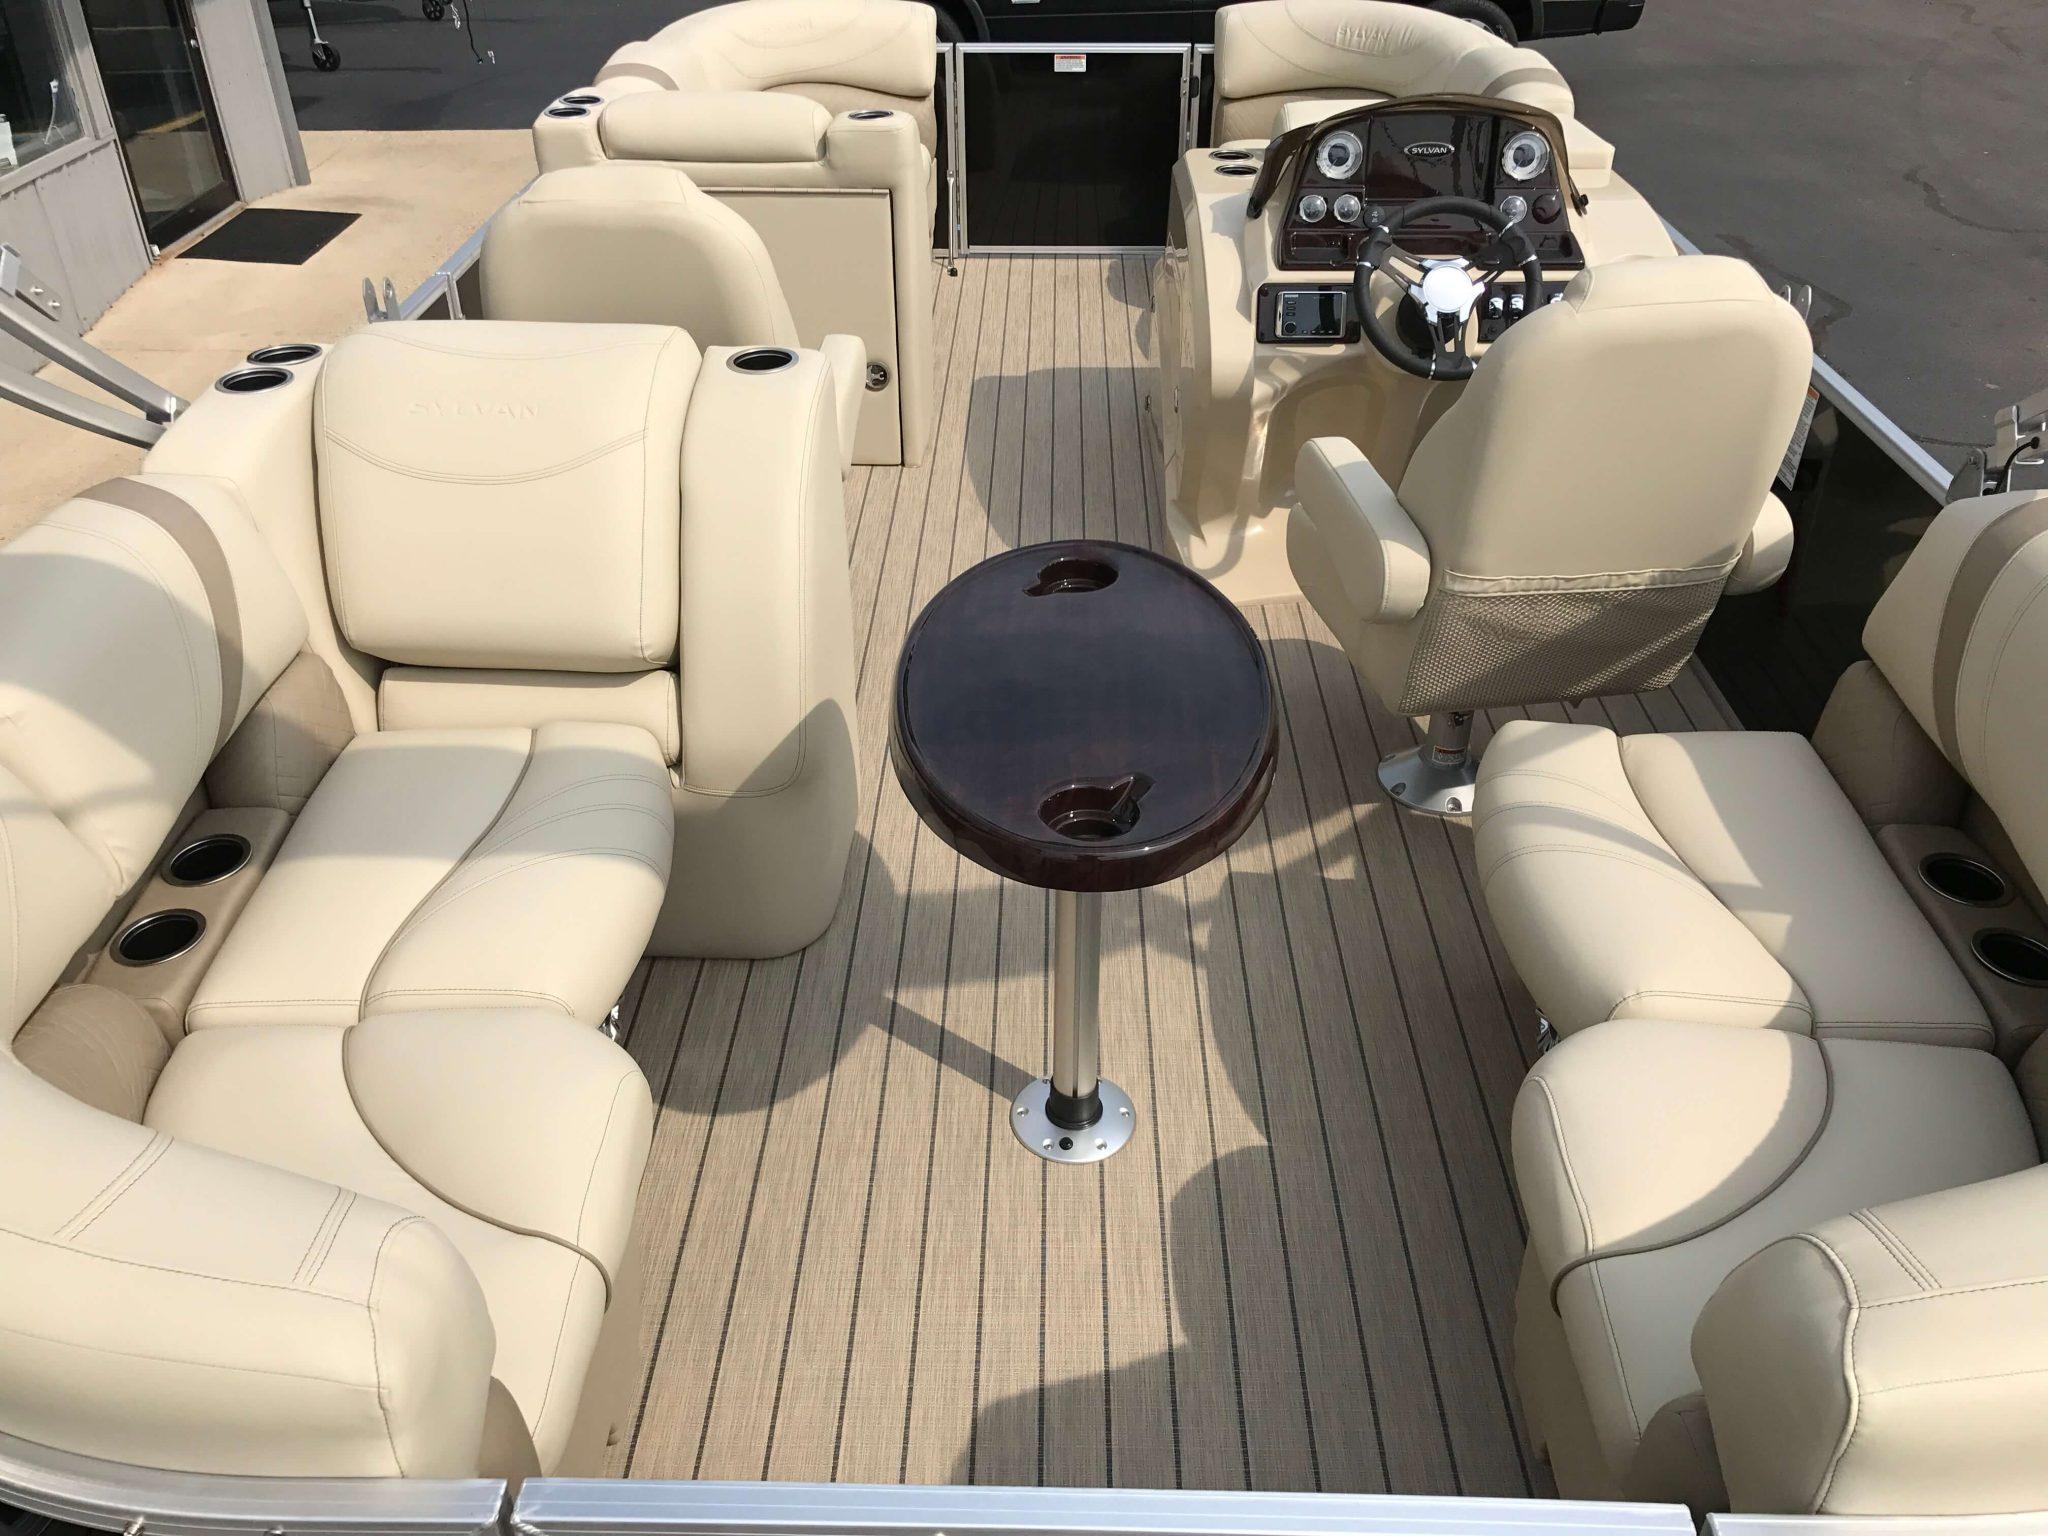 2019 Sylvan 8520 LZ LE Interior Cockpit Layout